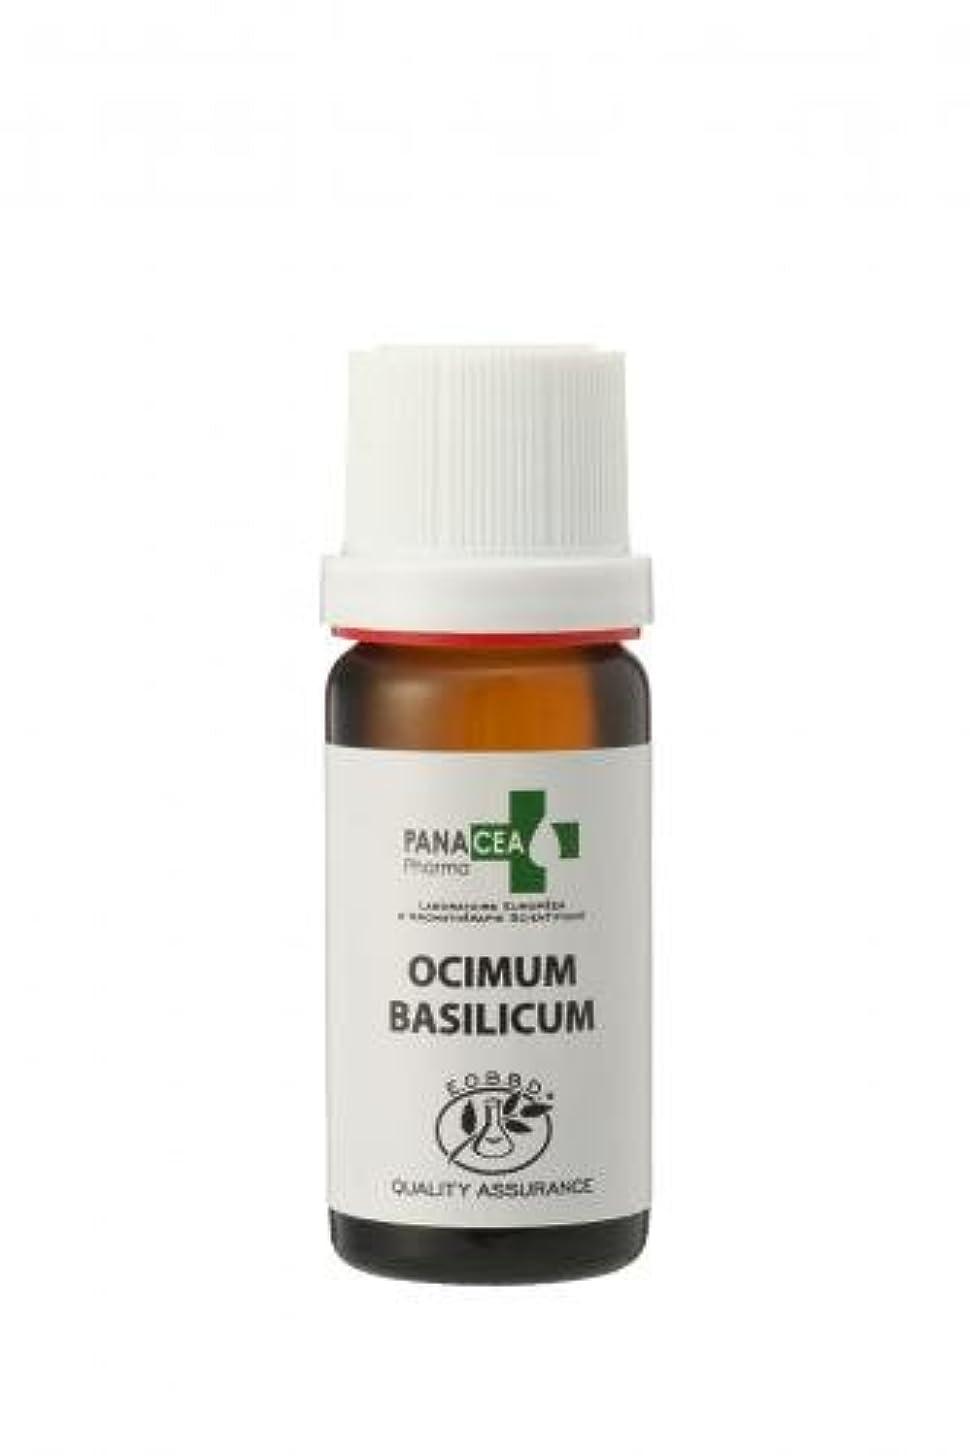 十分です植木復活するバジル メチルカビコール (Ocimum basilicum) 10ml エッセンシャルオイル PANACEA PHARMA パナセア ファルマ